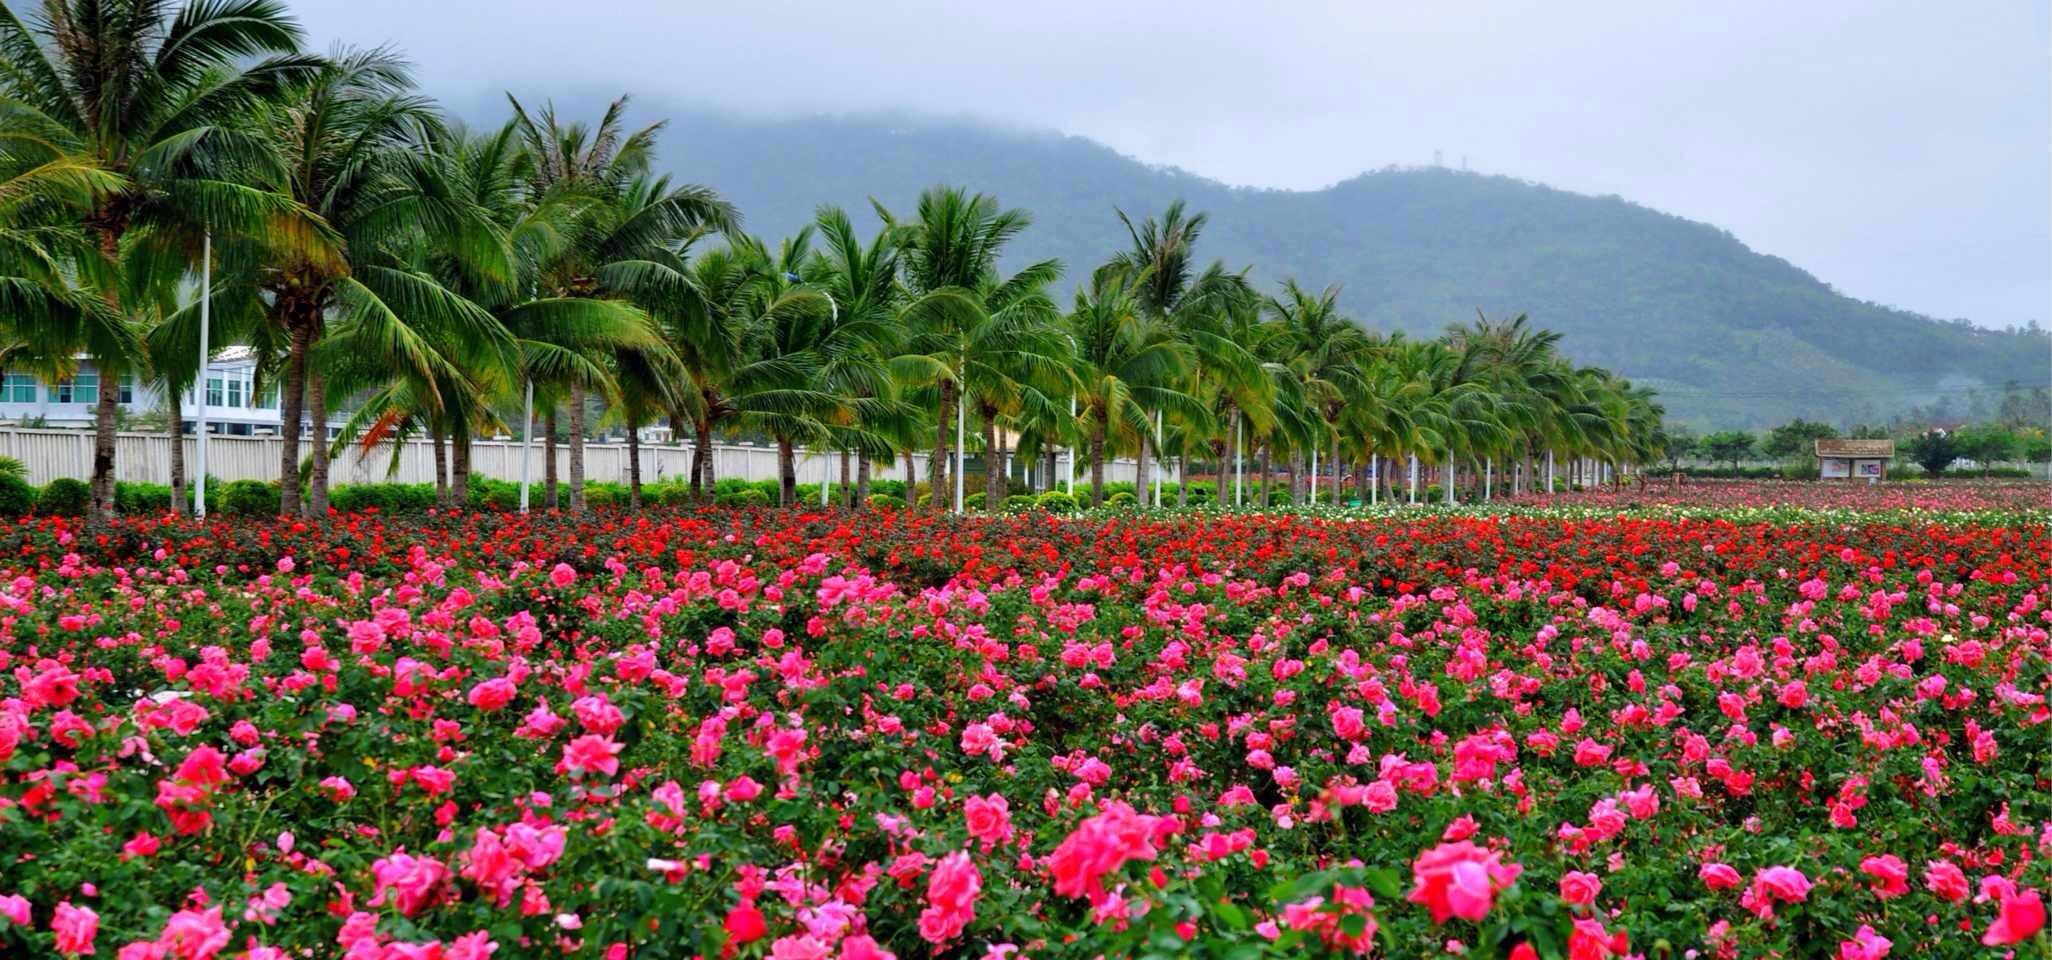 海南海口红树林,分界洲岛,槟榔谷4晚5日跟团游(双飞)